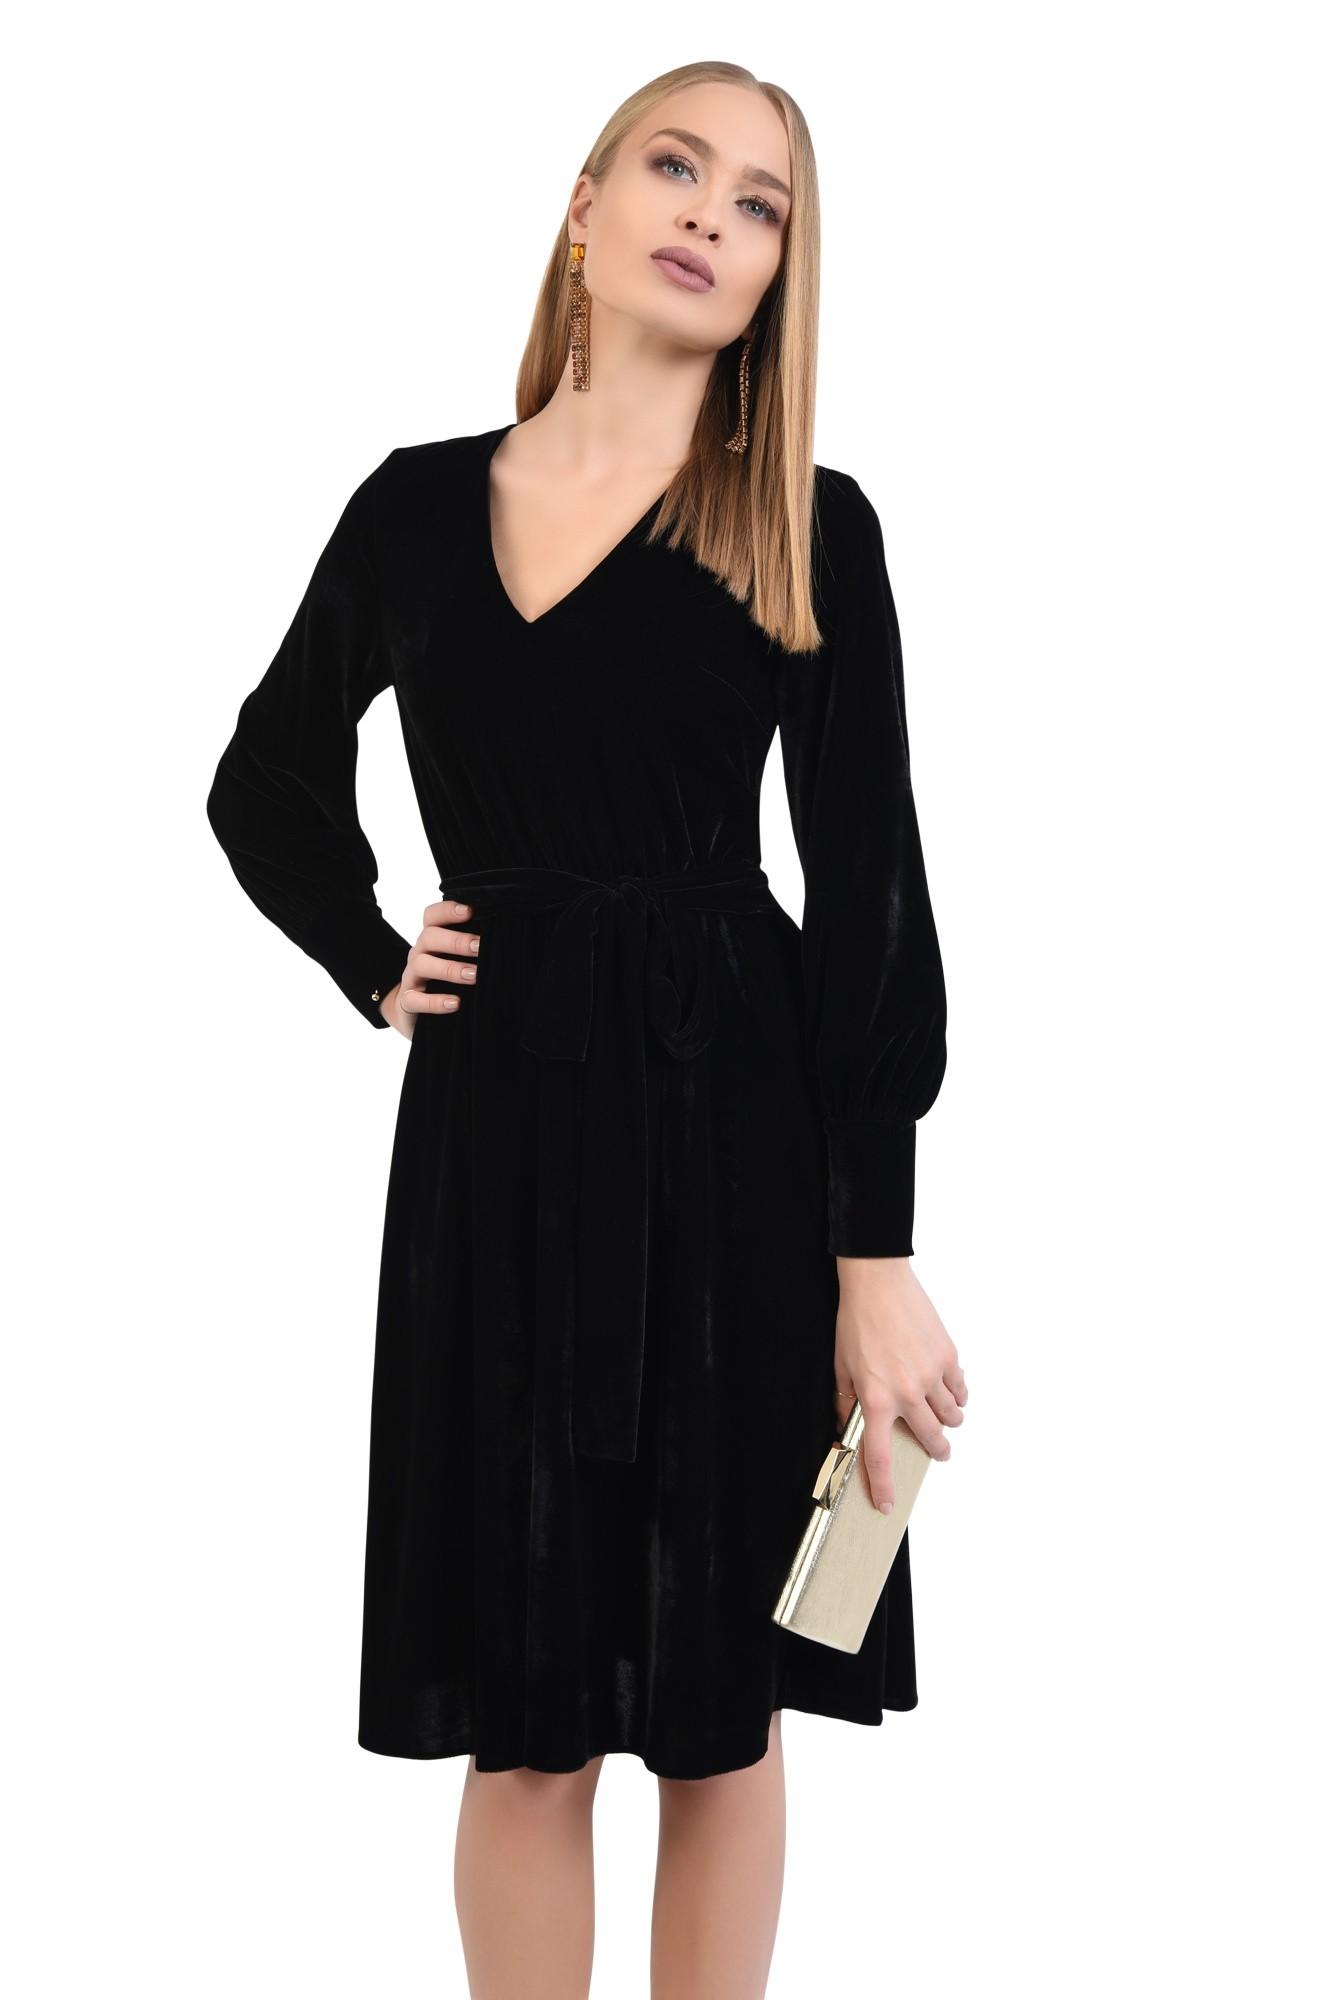 0 - rochie eleganta, neagra, midi, clos, cu cordon